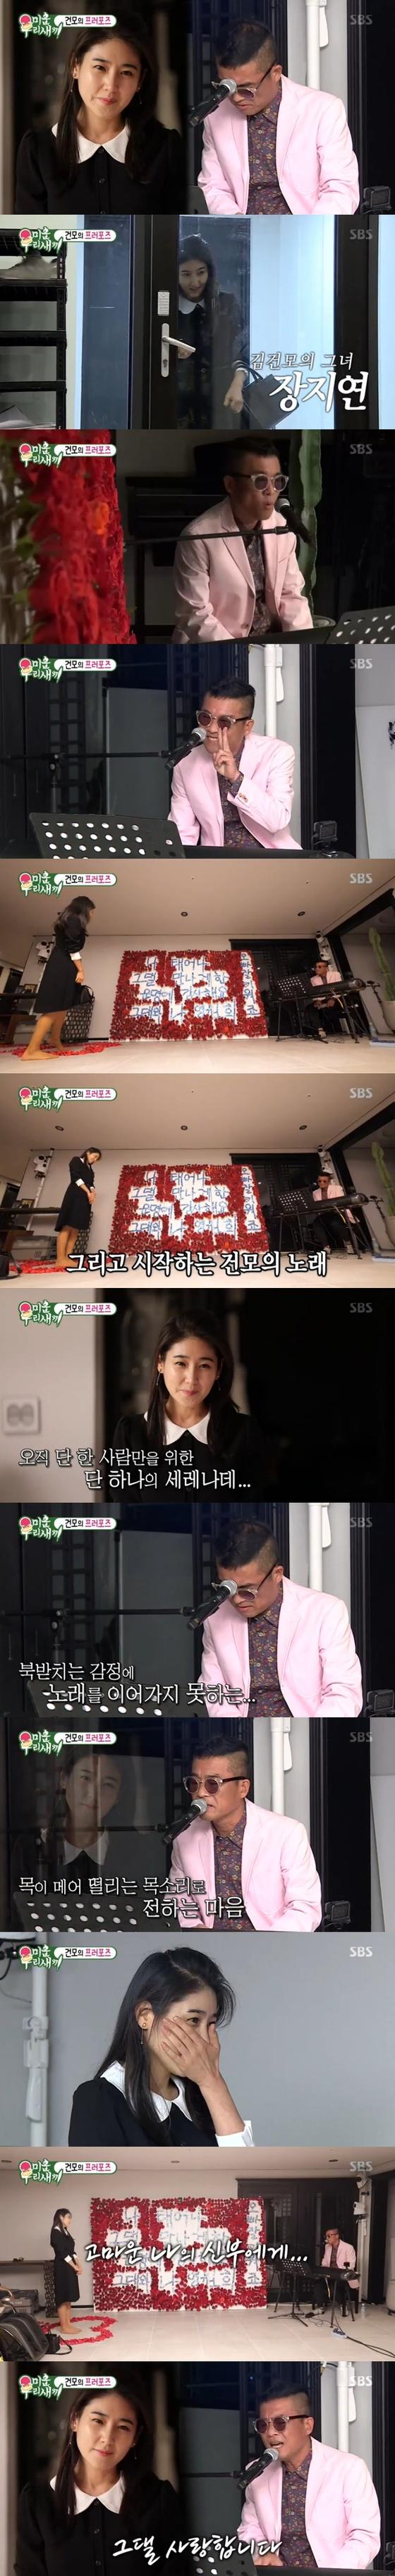 [RE:TV] 김건모 성폭행 의혹 부인 속 '미우새' 프러포즈 방송 '눈물'